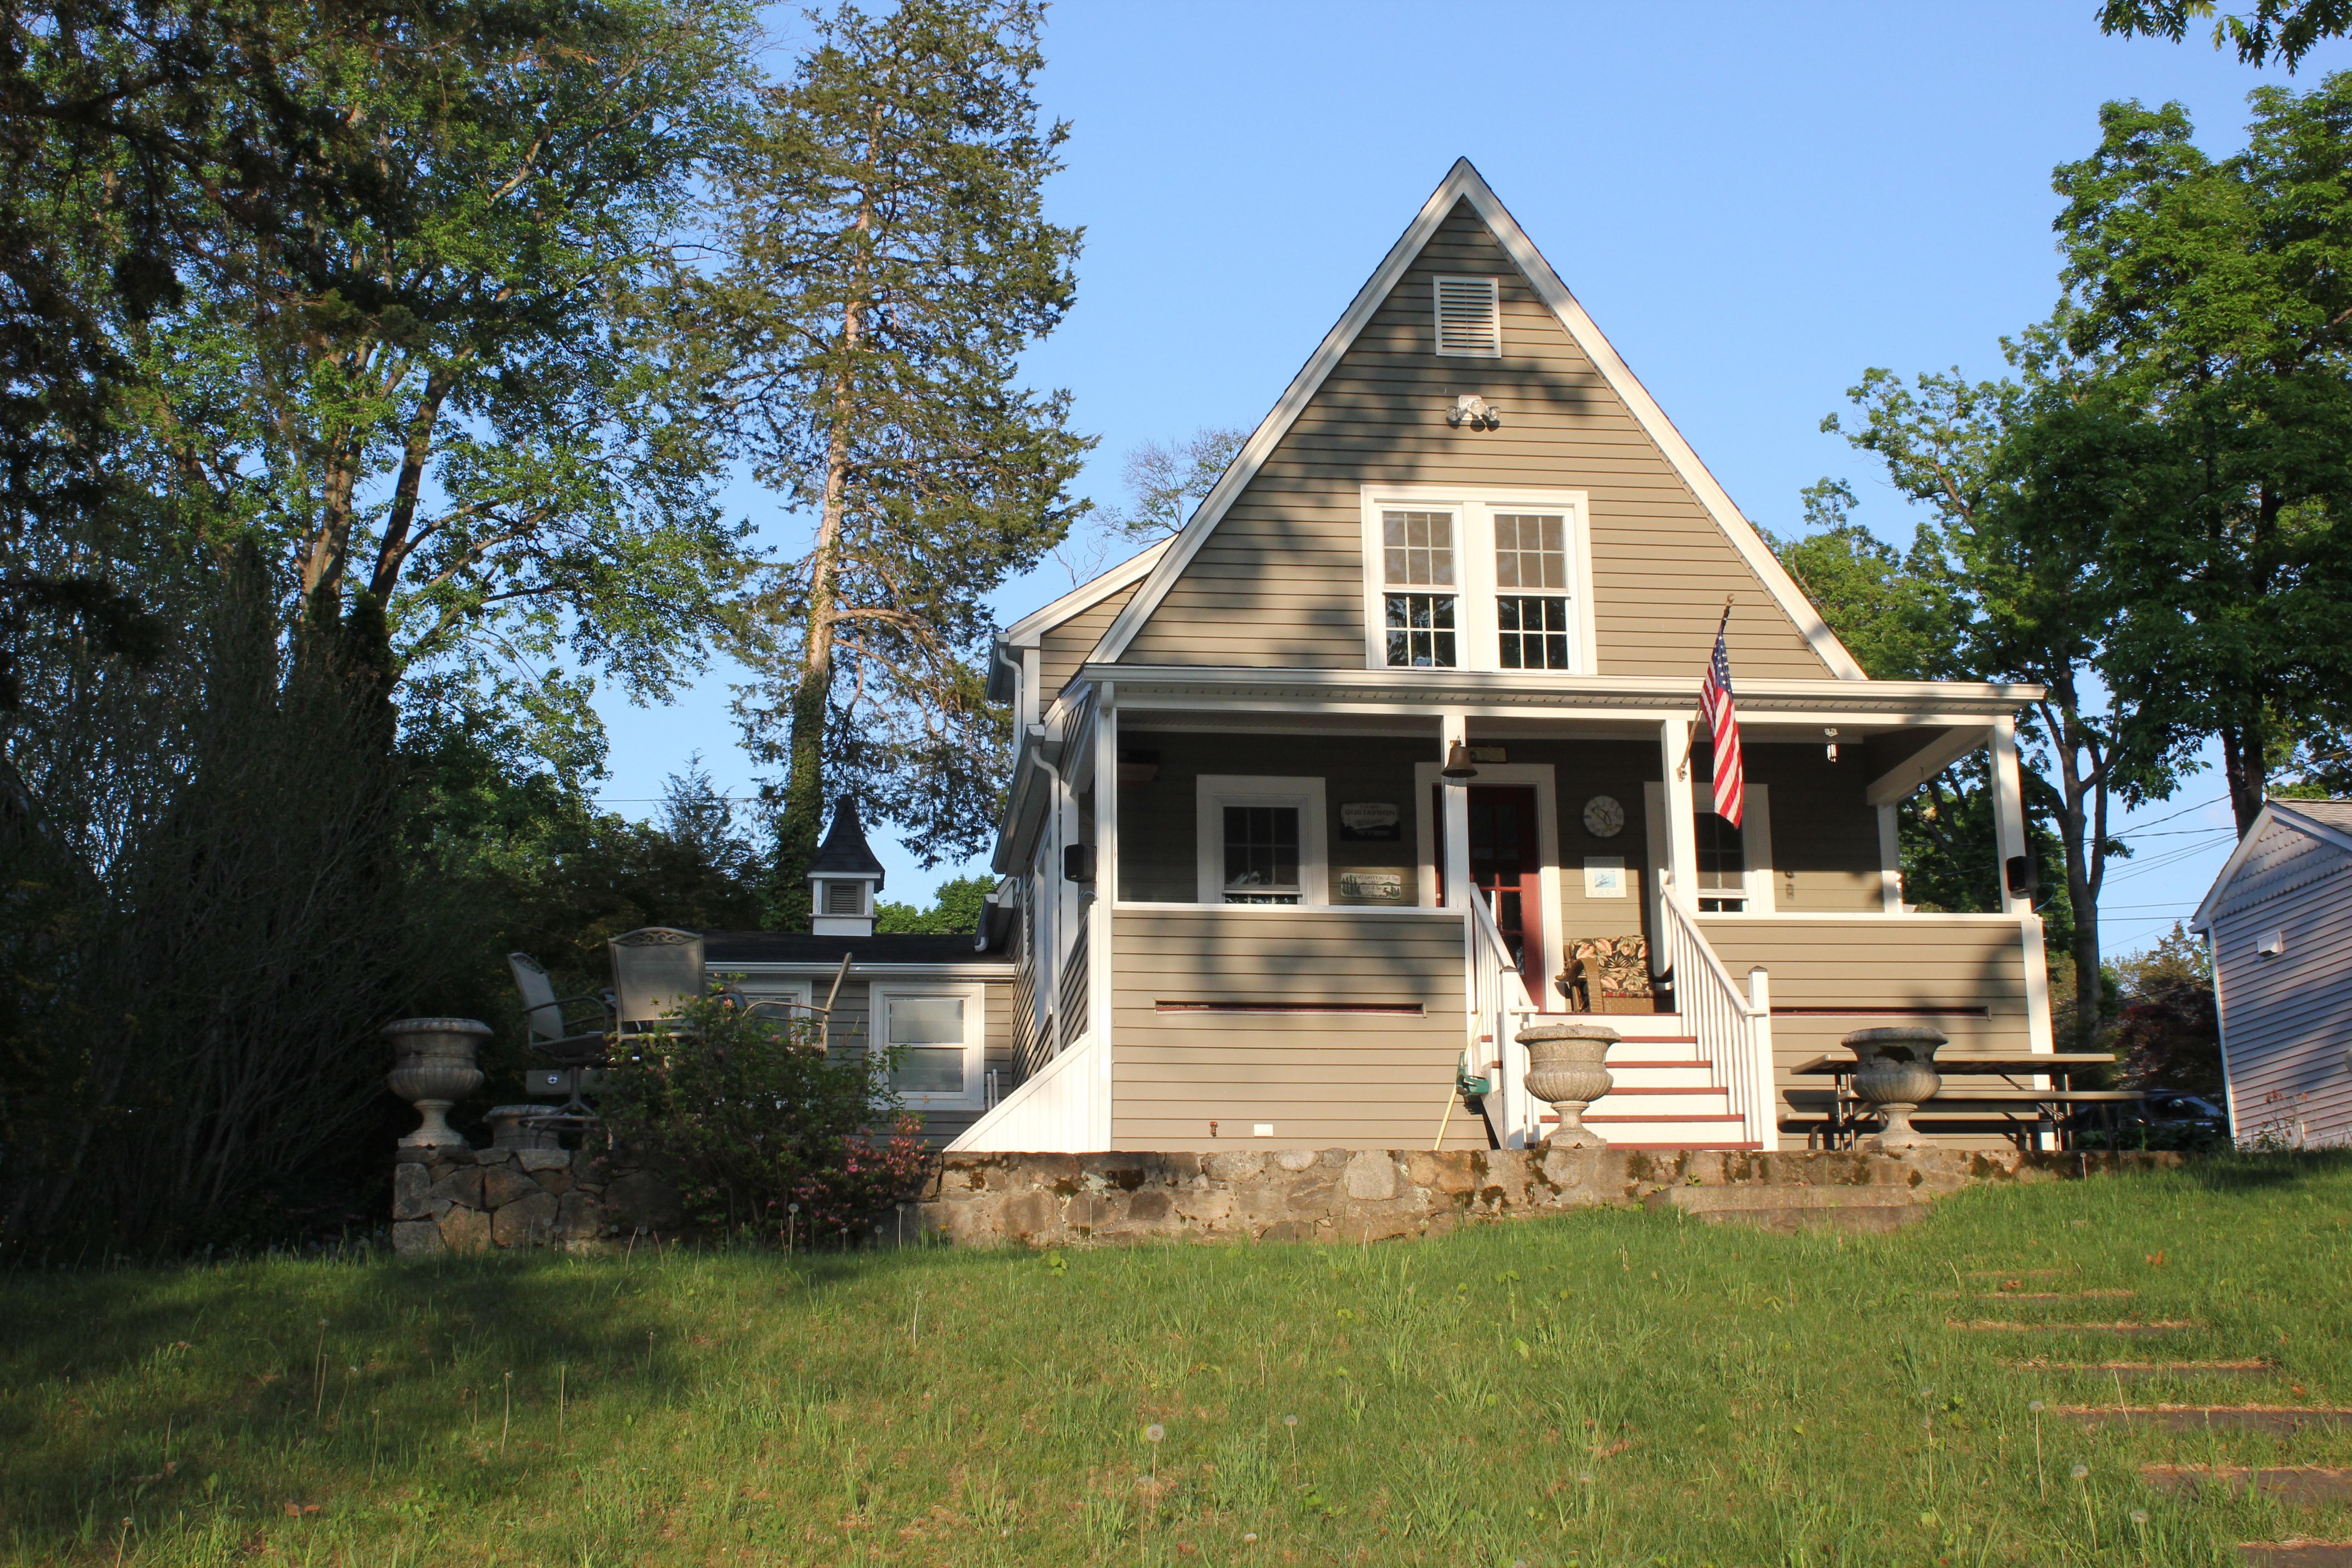 Частный односемейный дом для того Продажа на Stunning Candlewood Lakefront Home 6 Circle Drive Danbury, Коннектикут 06811 Соединенные Штаты